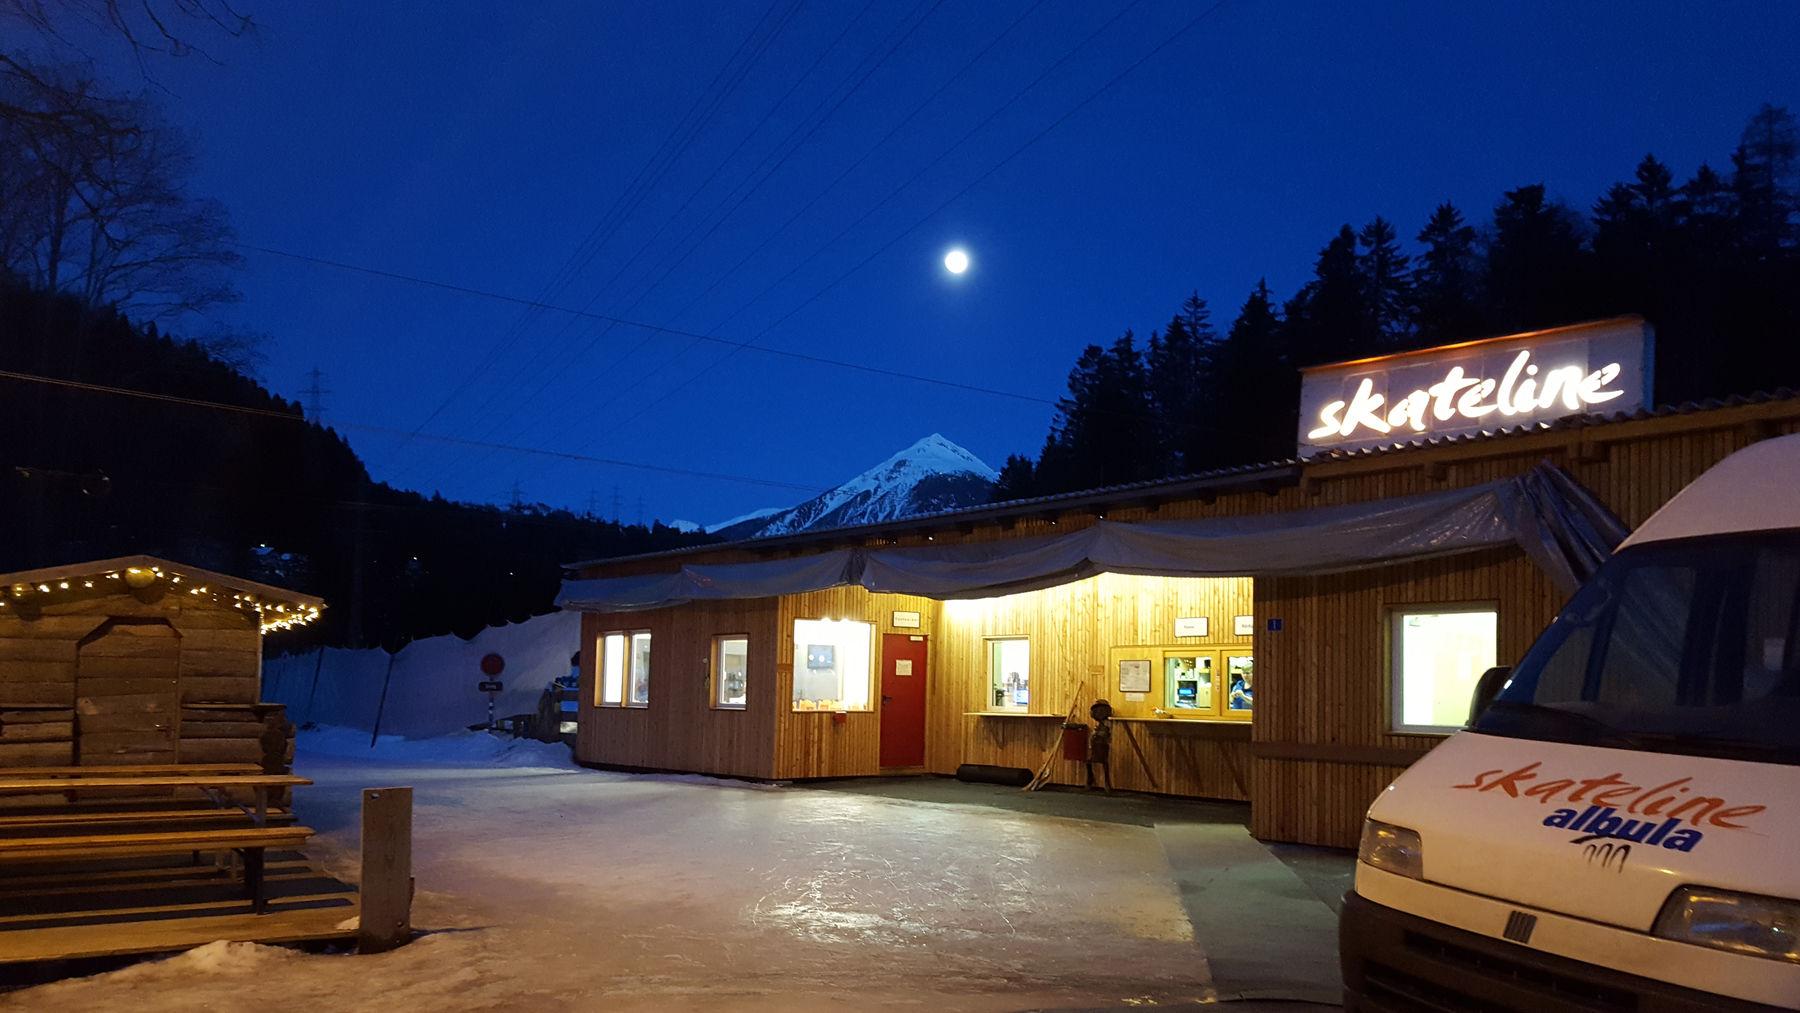 La Credenza San Maurizio Menu : Aktuelles skateline albula der erste eisweg schweiz